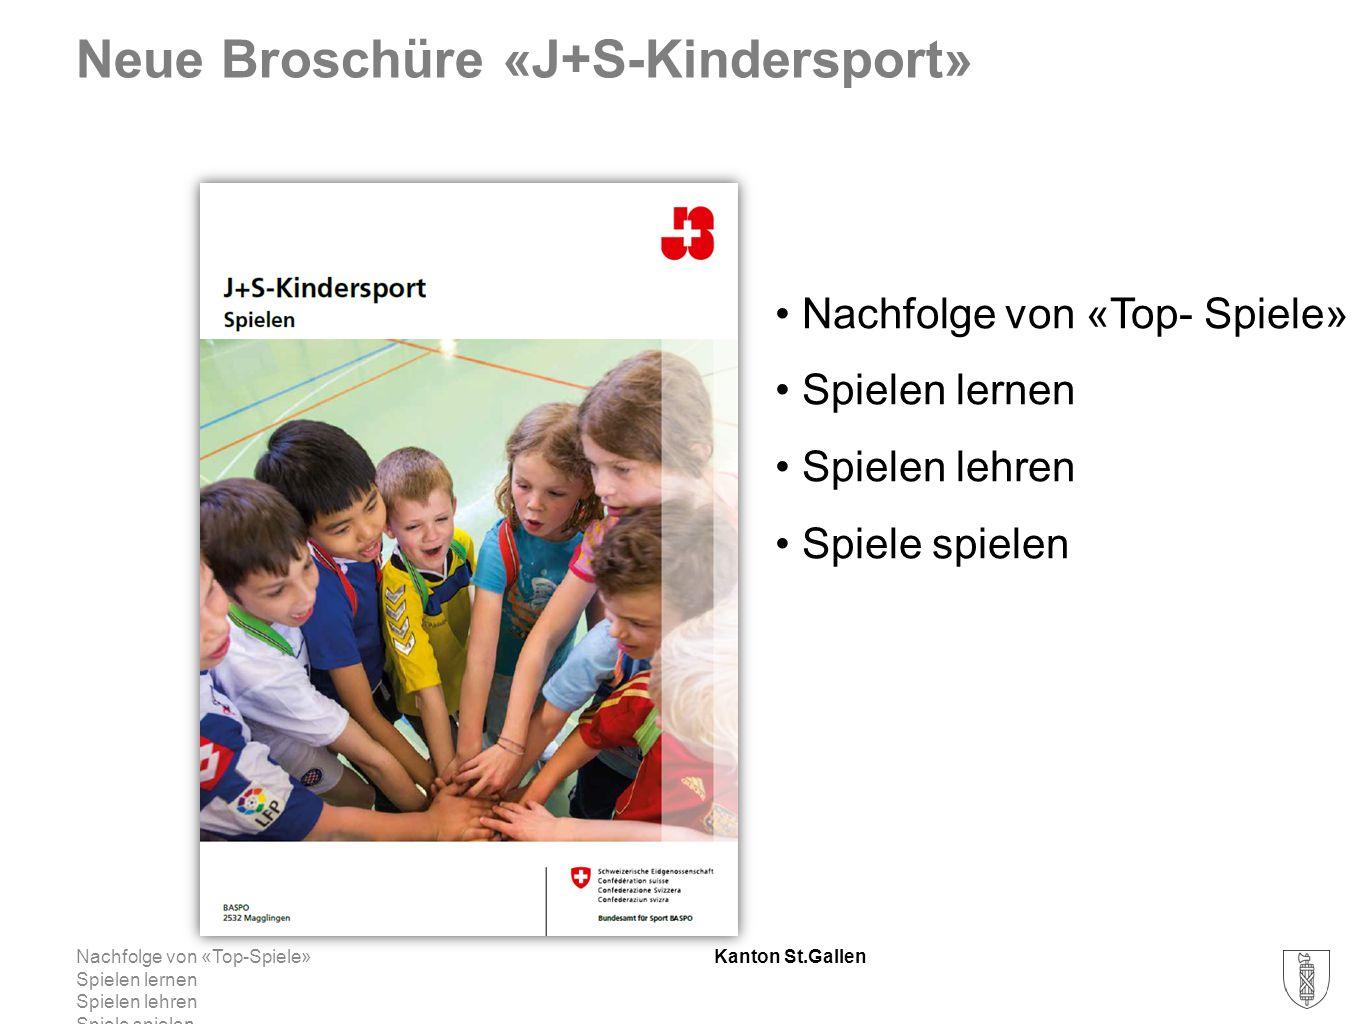 Kanton St.Gallen Neue Broschüre «J+S-Kindersport» Nachfolge von «Top-Spiele» Spielen lernen Spielen lehren Spiele spielen Nachfolge von «Top- Spiele» Spielen lernen Spielen lehren Spiele spielen